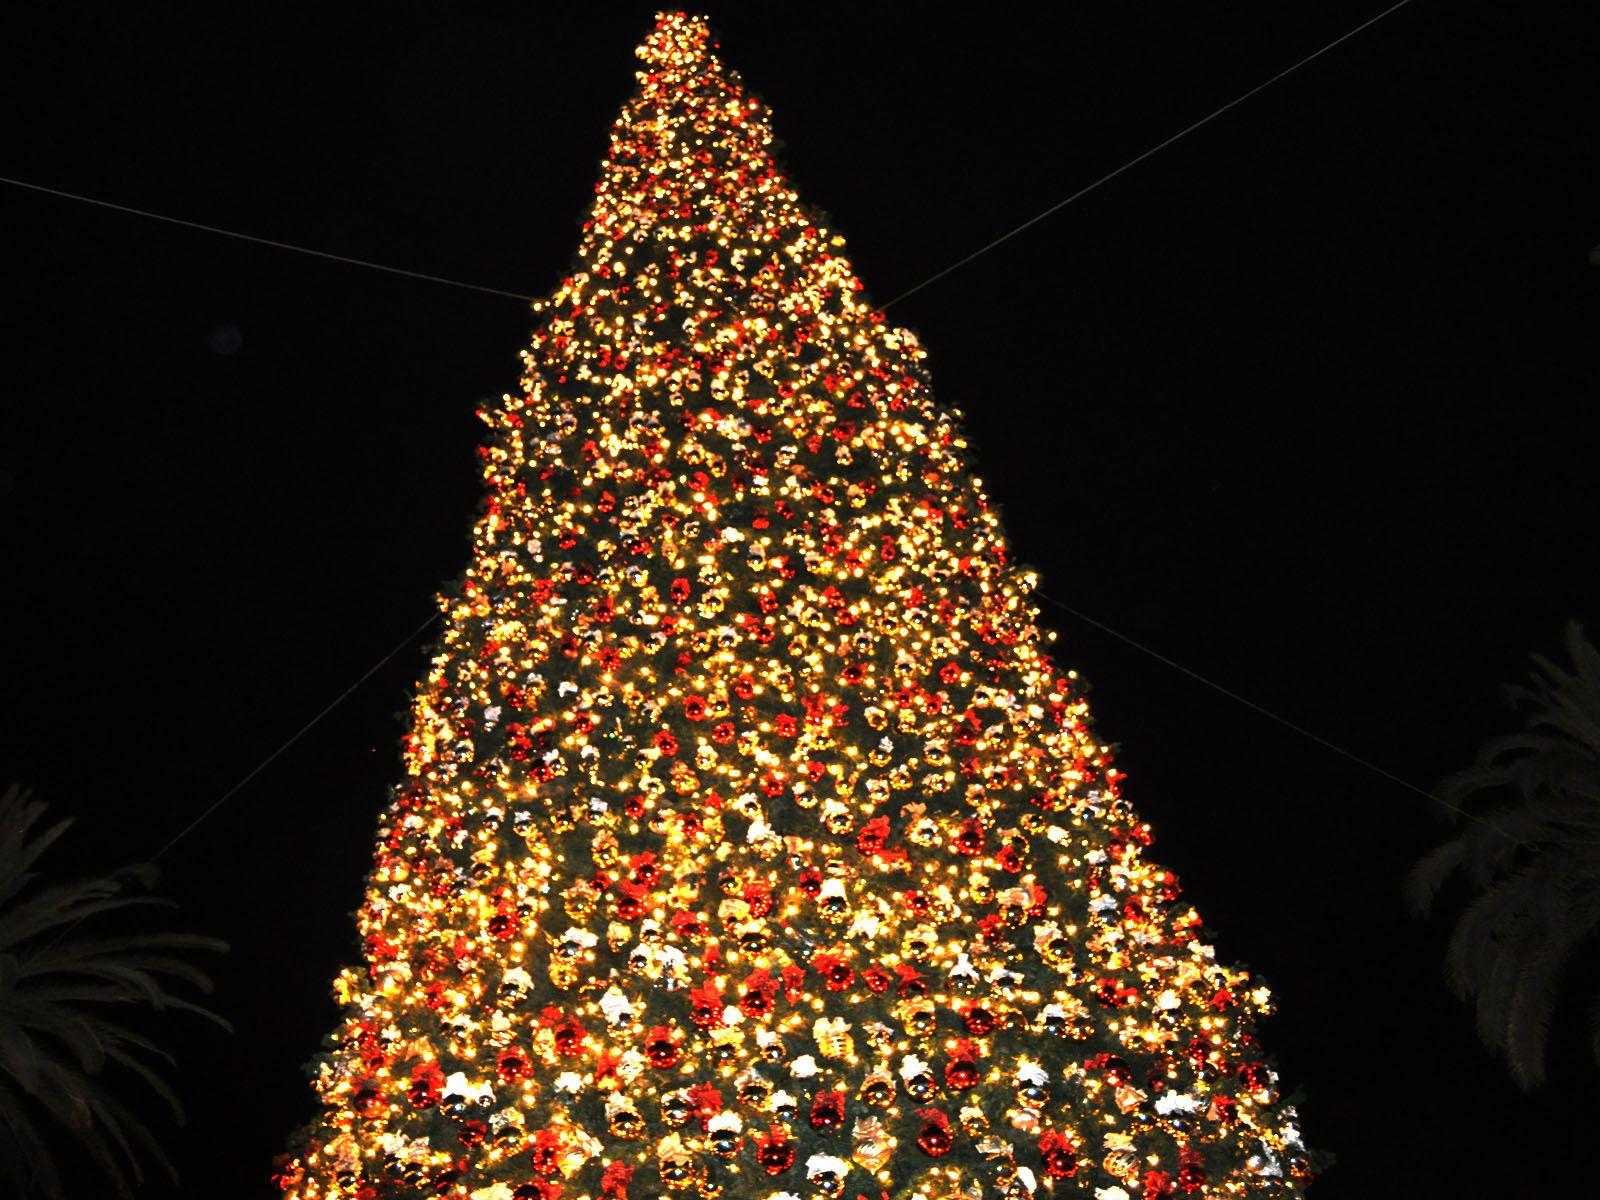 Árbol de Navidad alto y decorado